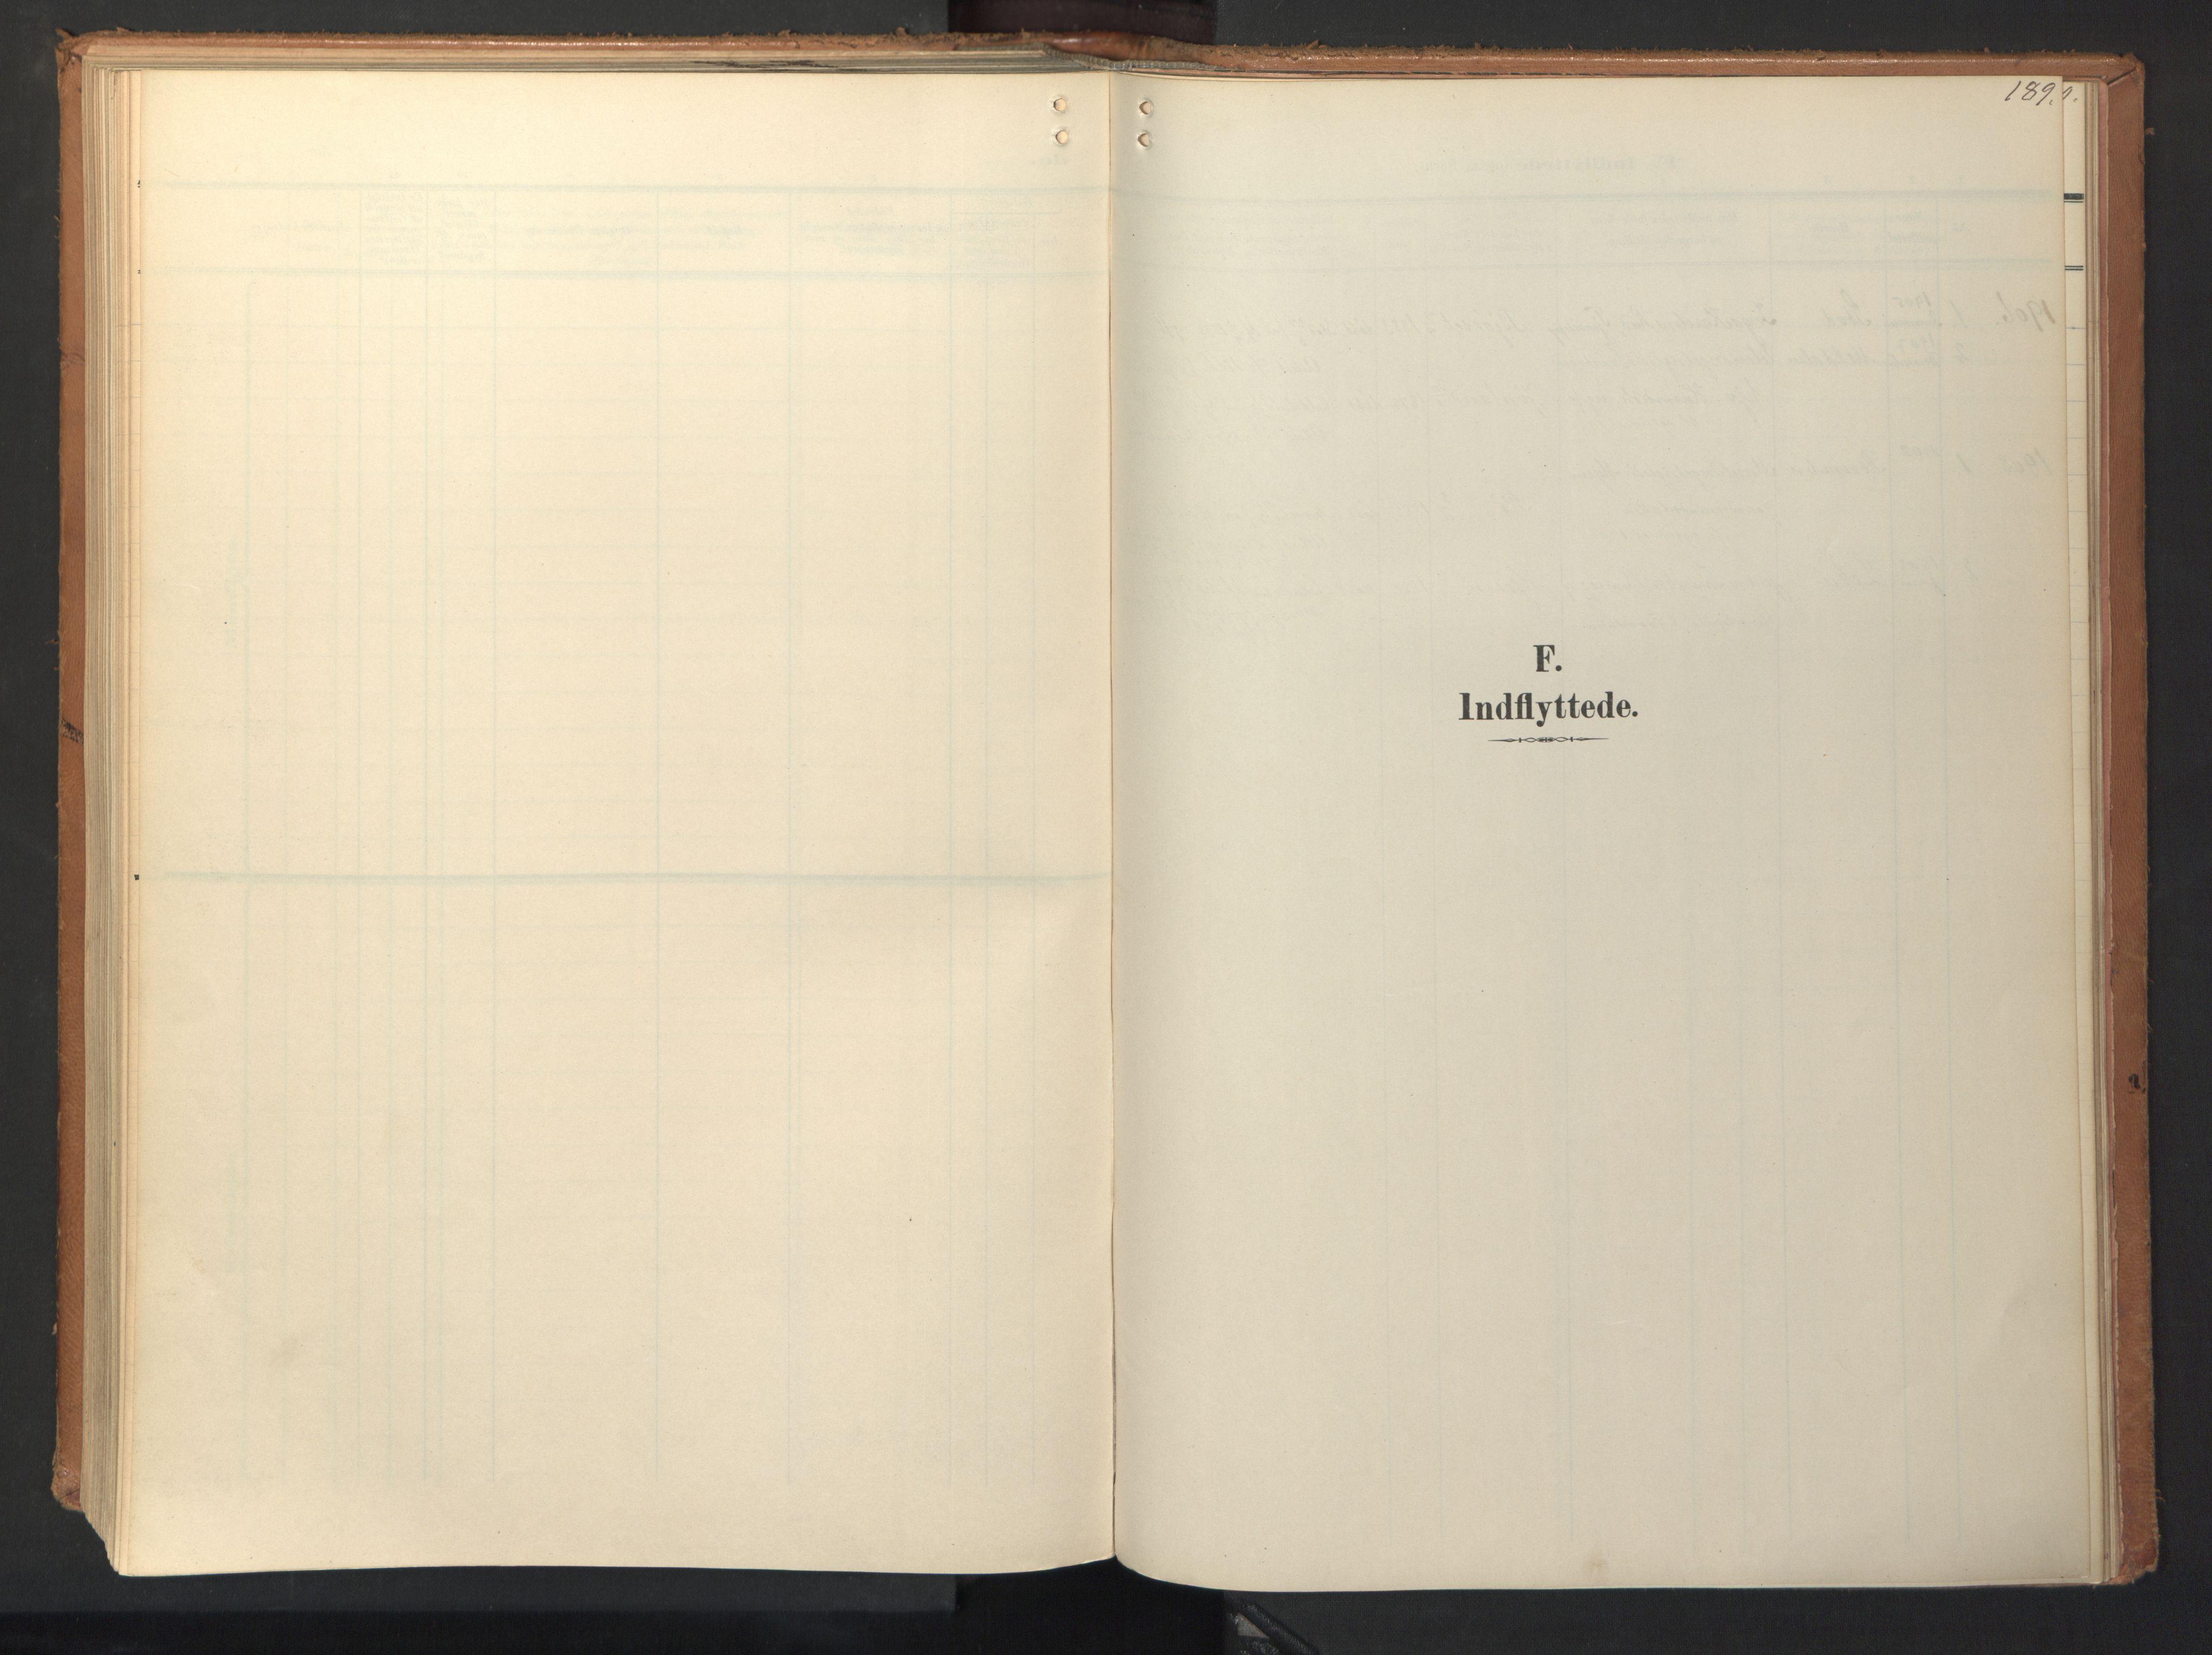 SAT, Ministerialprotokoller, klokkerbøker og fødselsregistre - Sør-Trøndelag, 694/L1128: Ministerialbok nr. 694A02, 1906-1931, s. 189